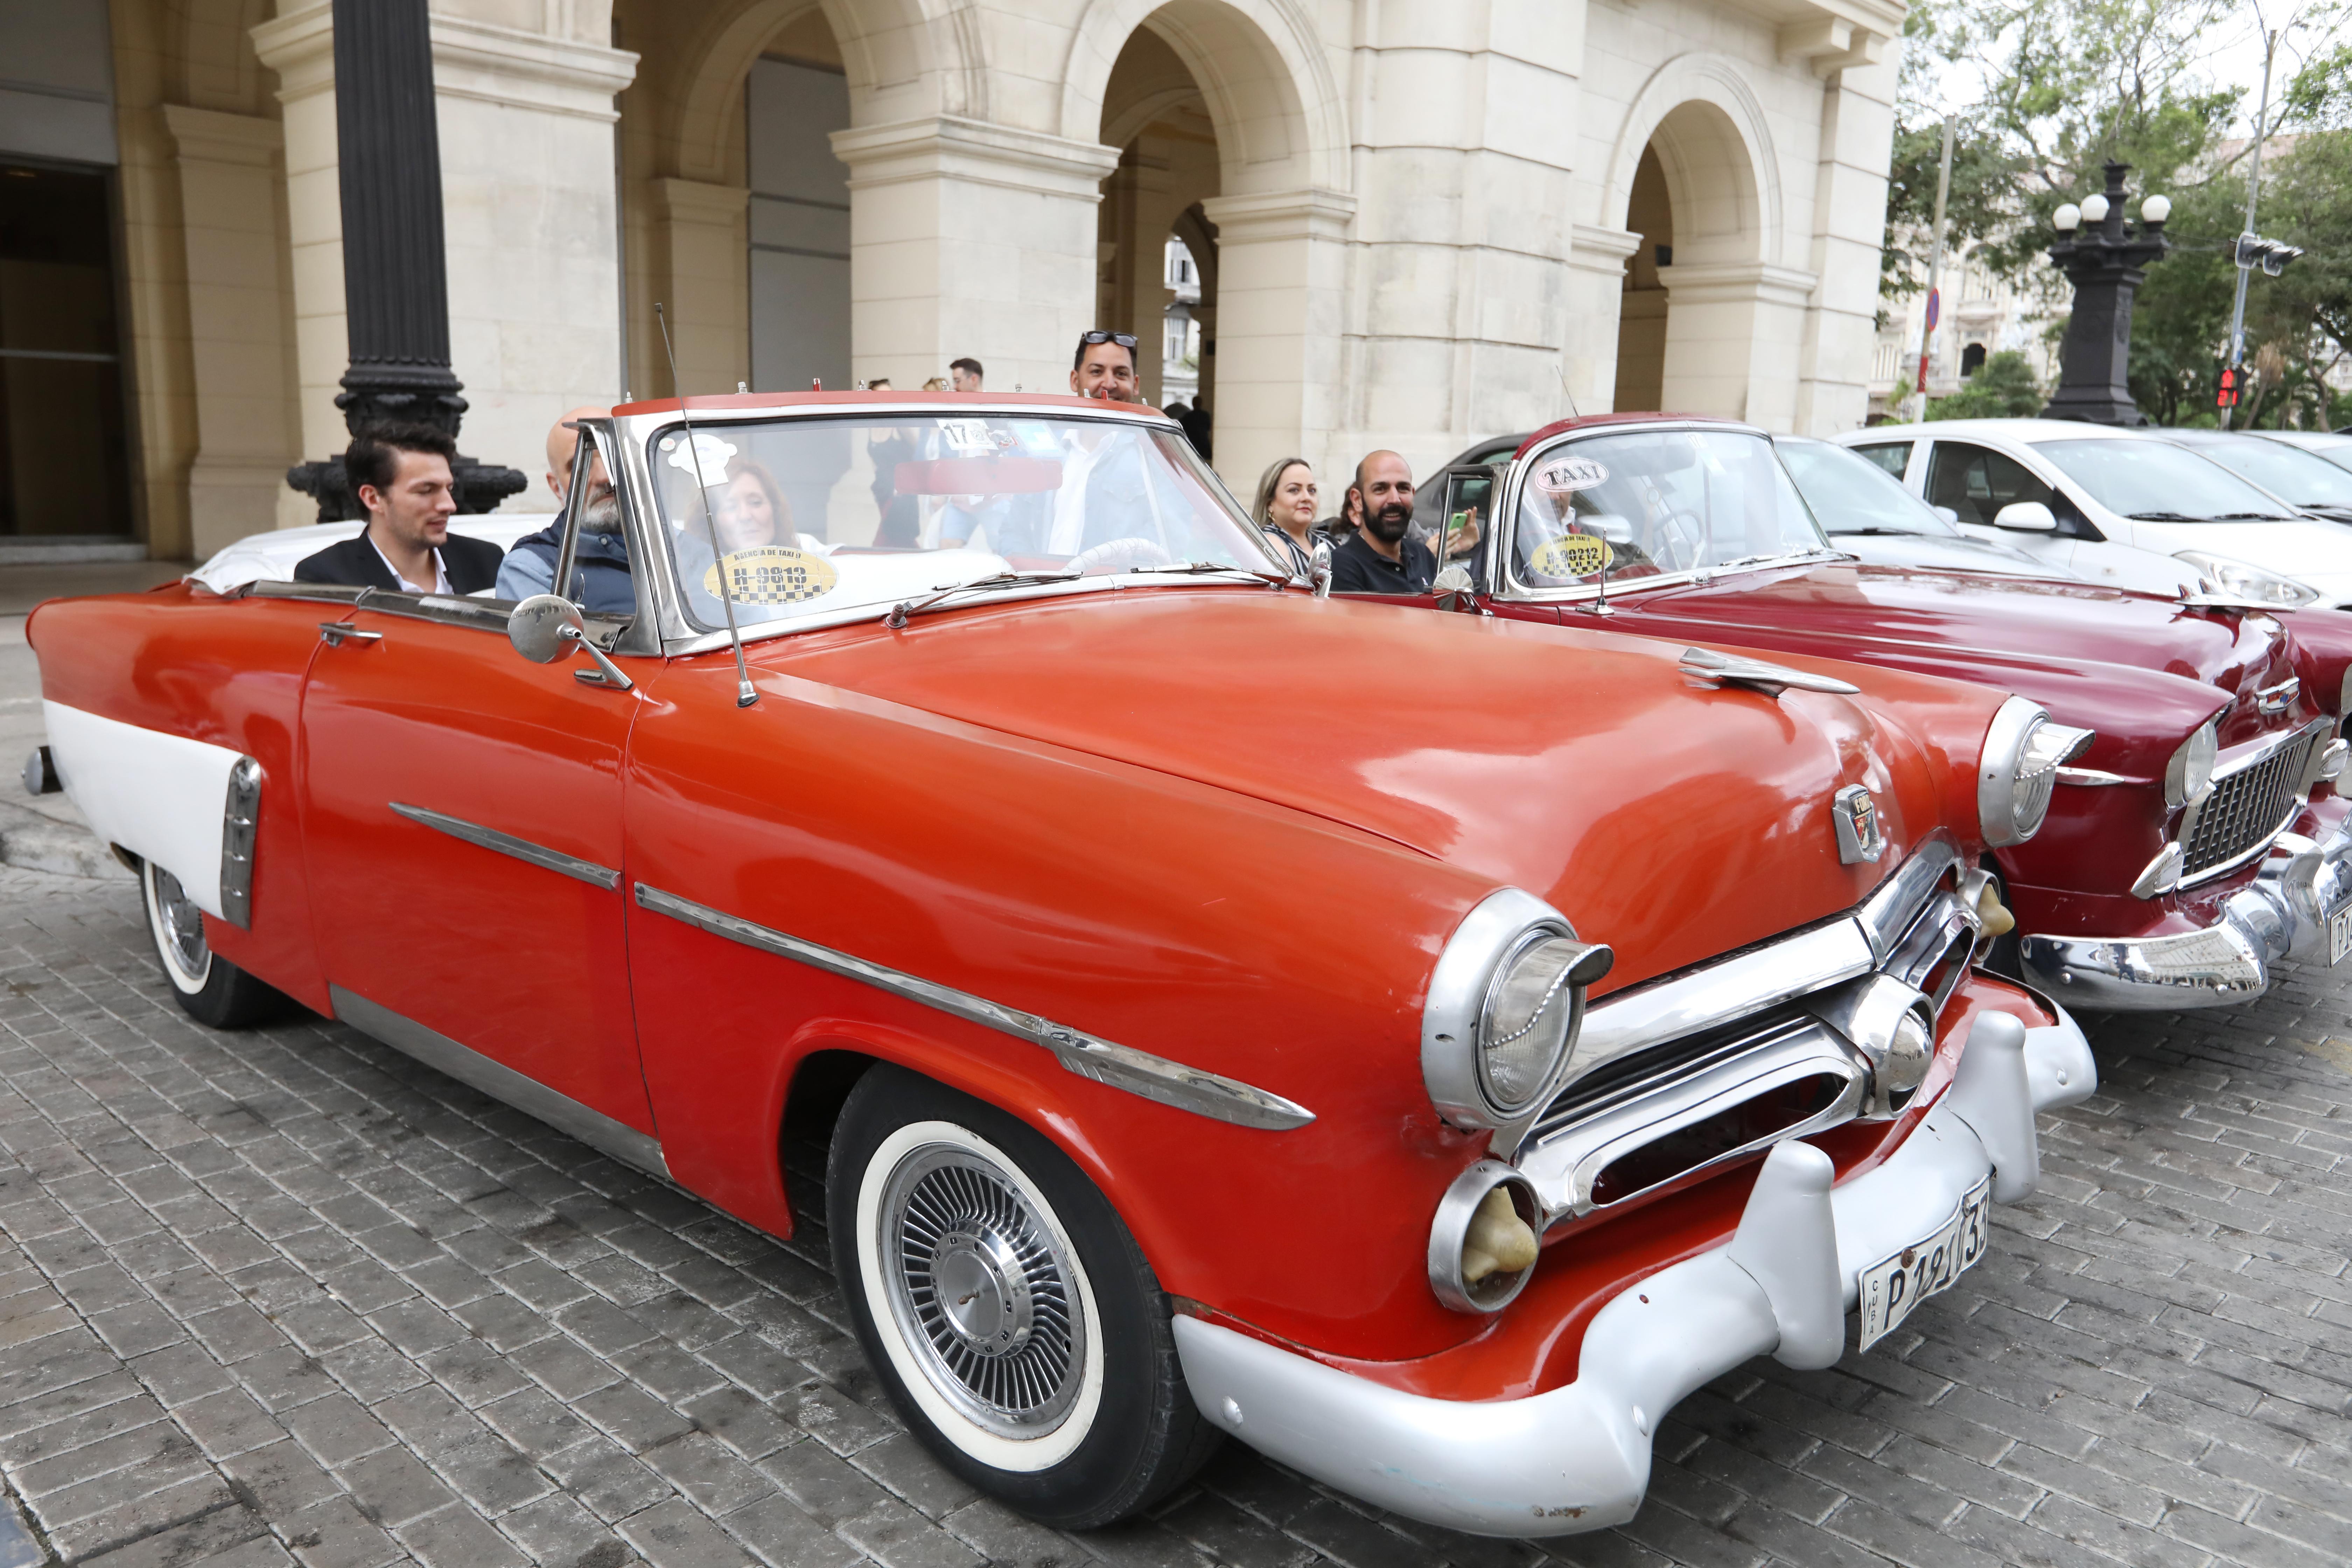 ZENITH_CUBA PRESS TRIP (5)